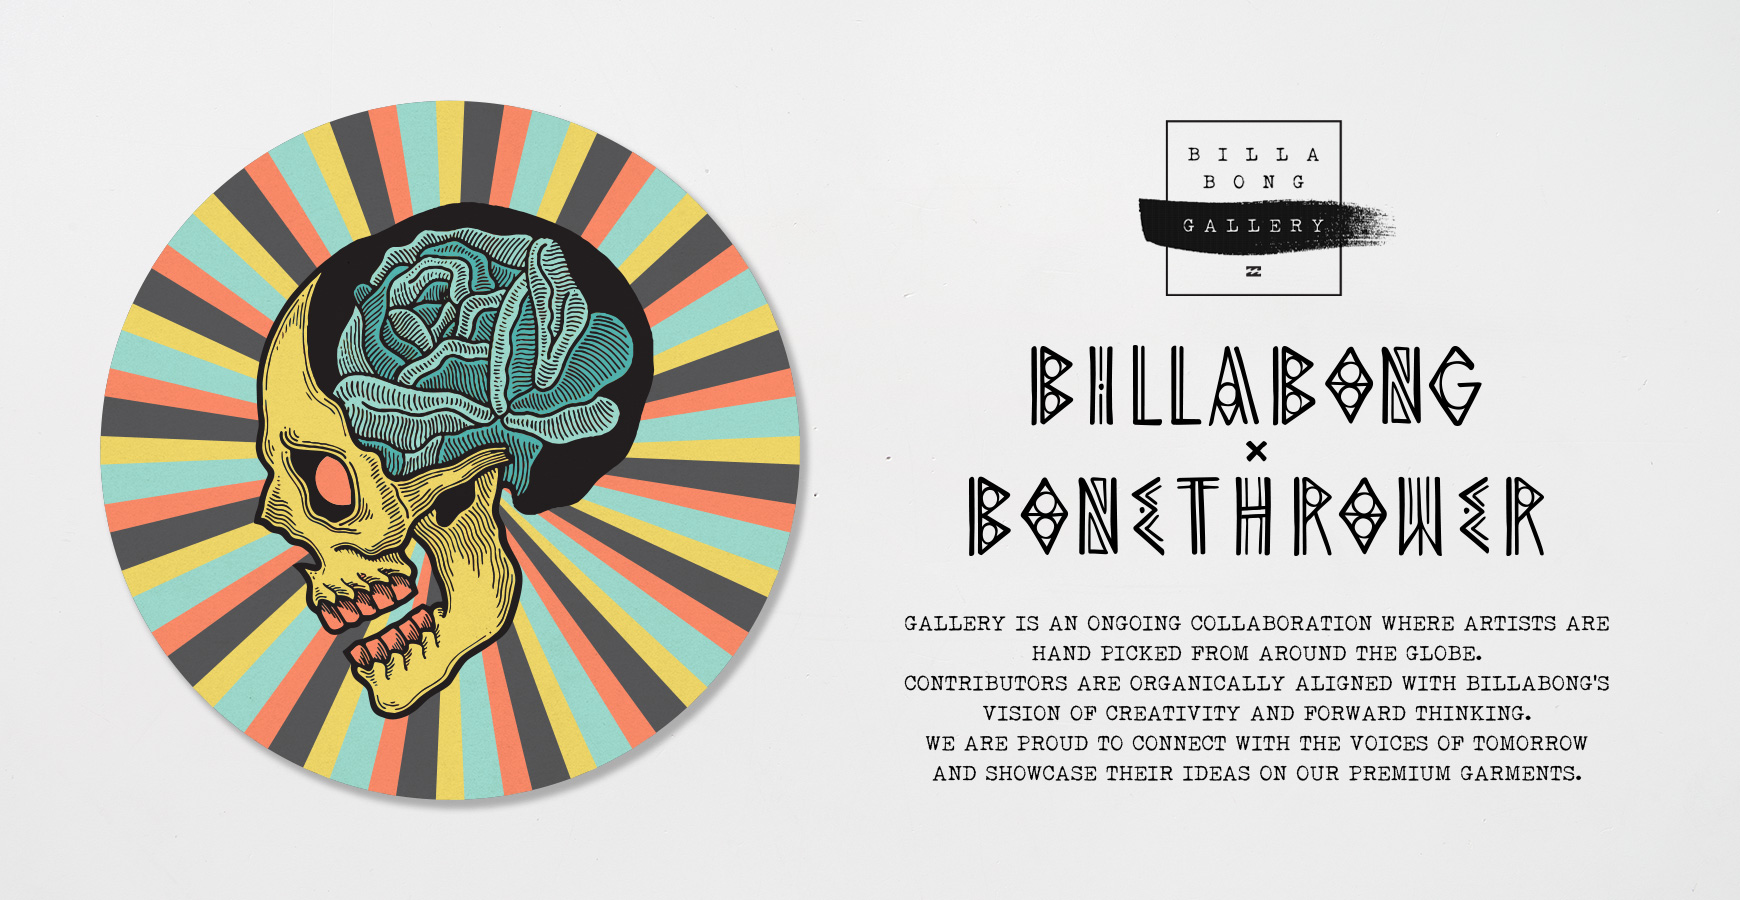 BILLABONG GALLERY